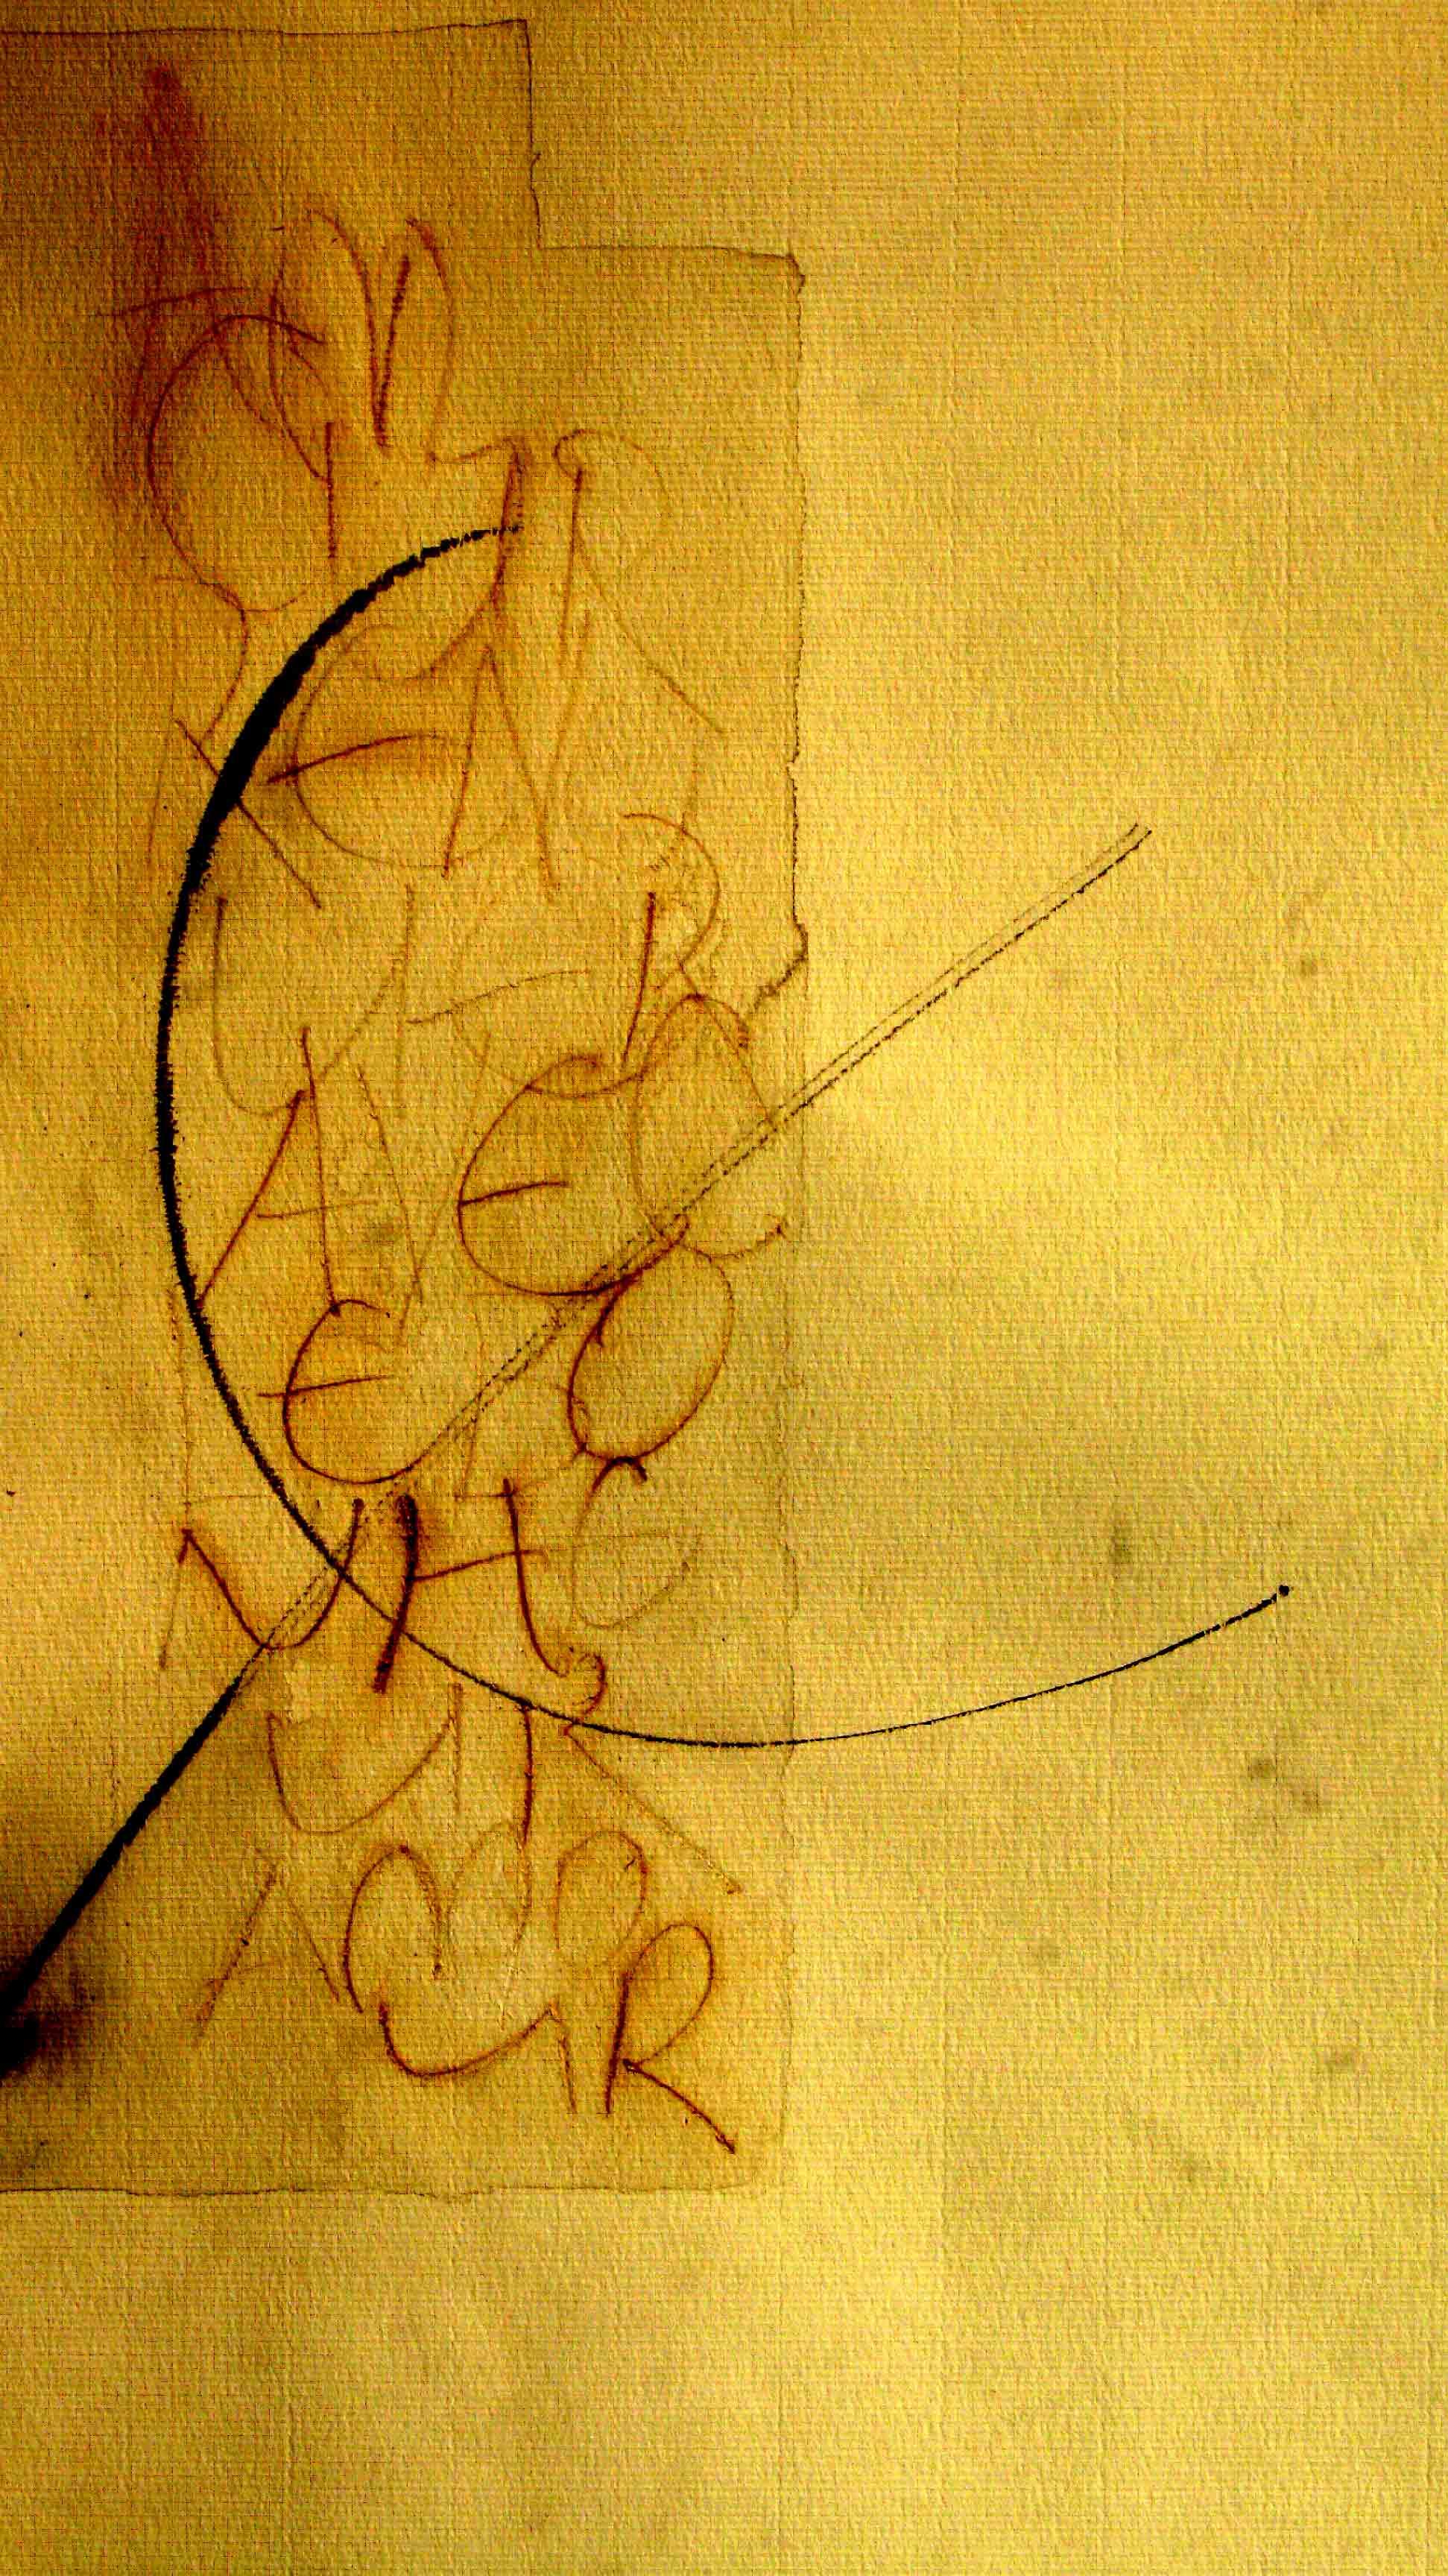 aquarelle, gouache, 24-x-32-cm